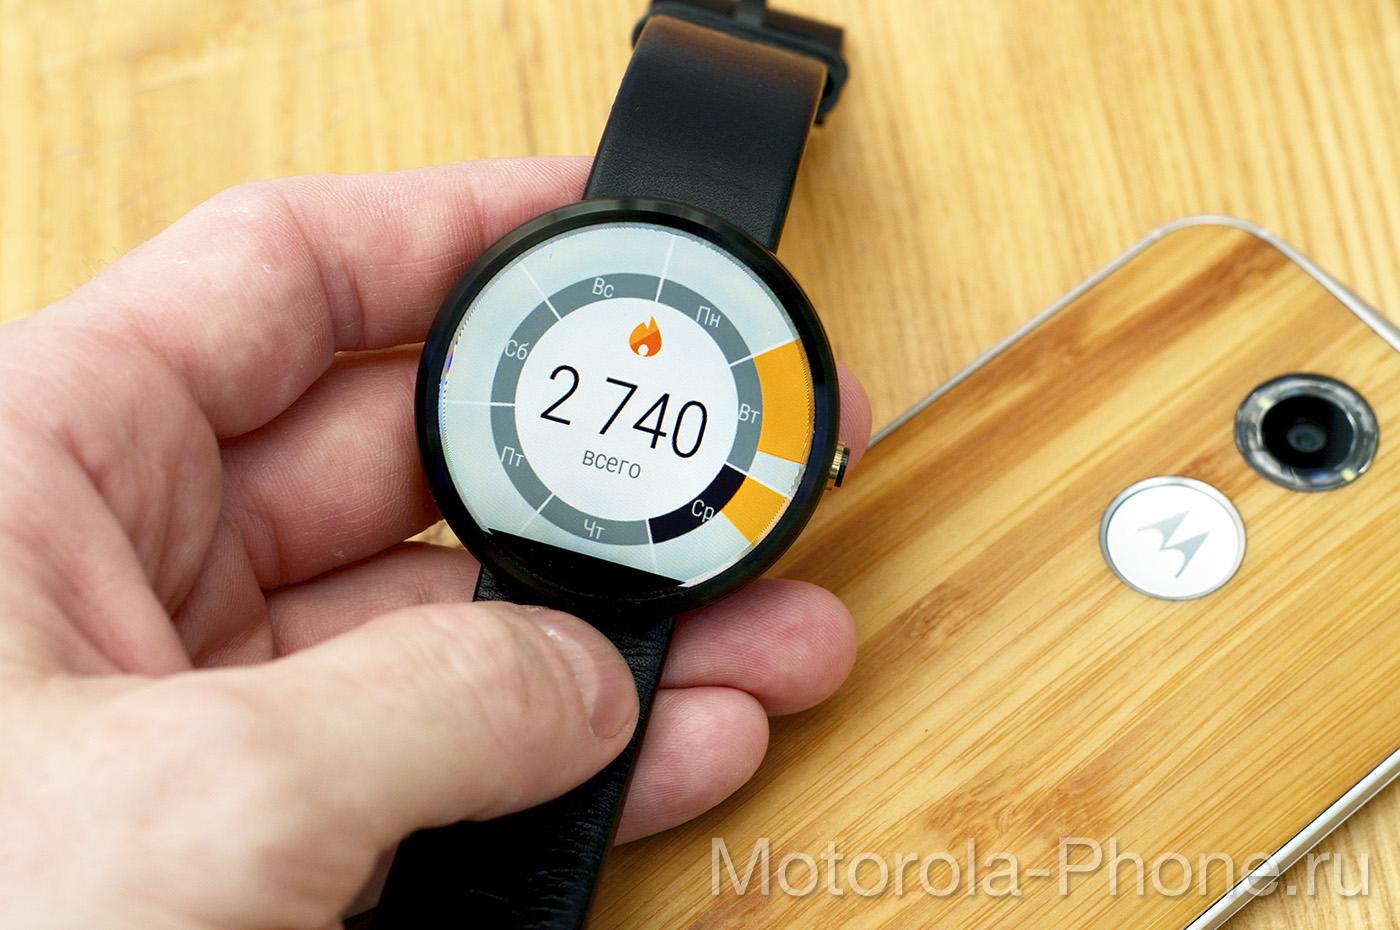 Motorola-Moto-360-Android-Wear-5-1-34 copy